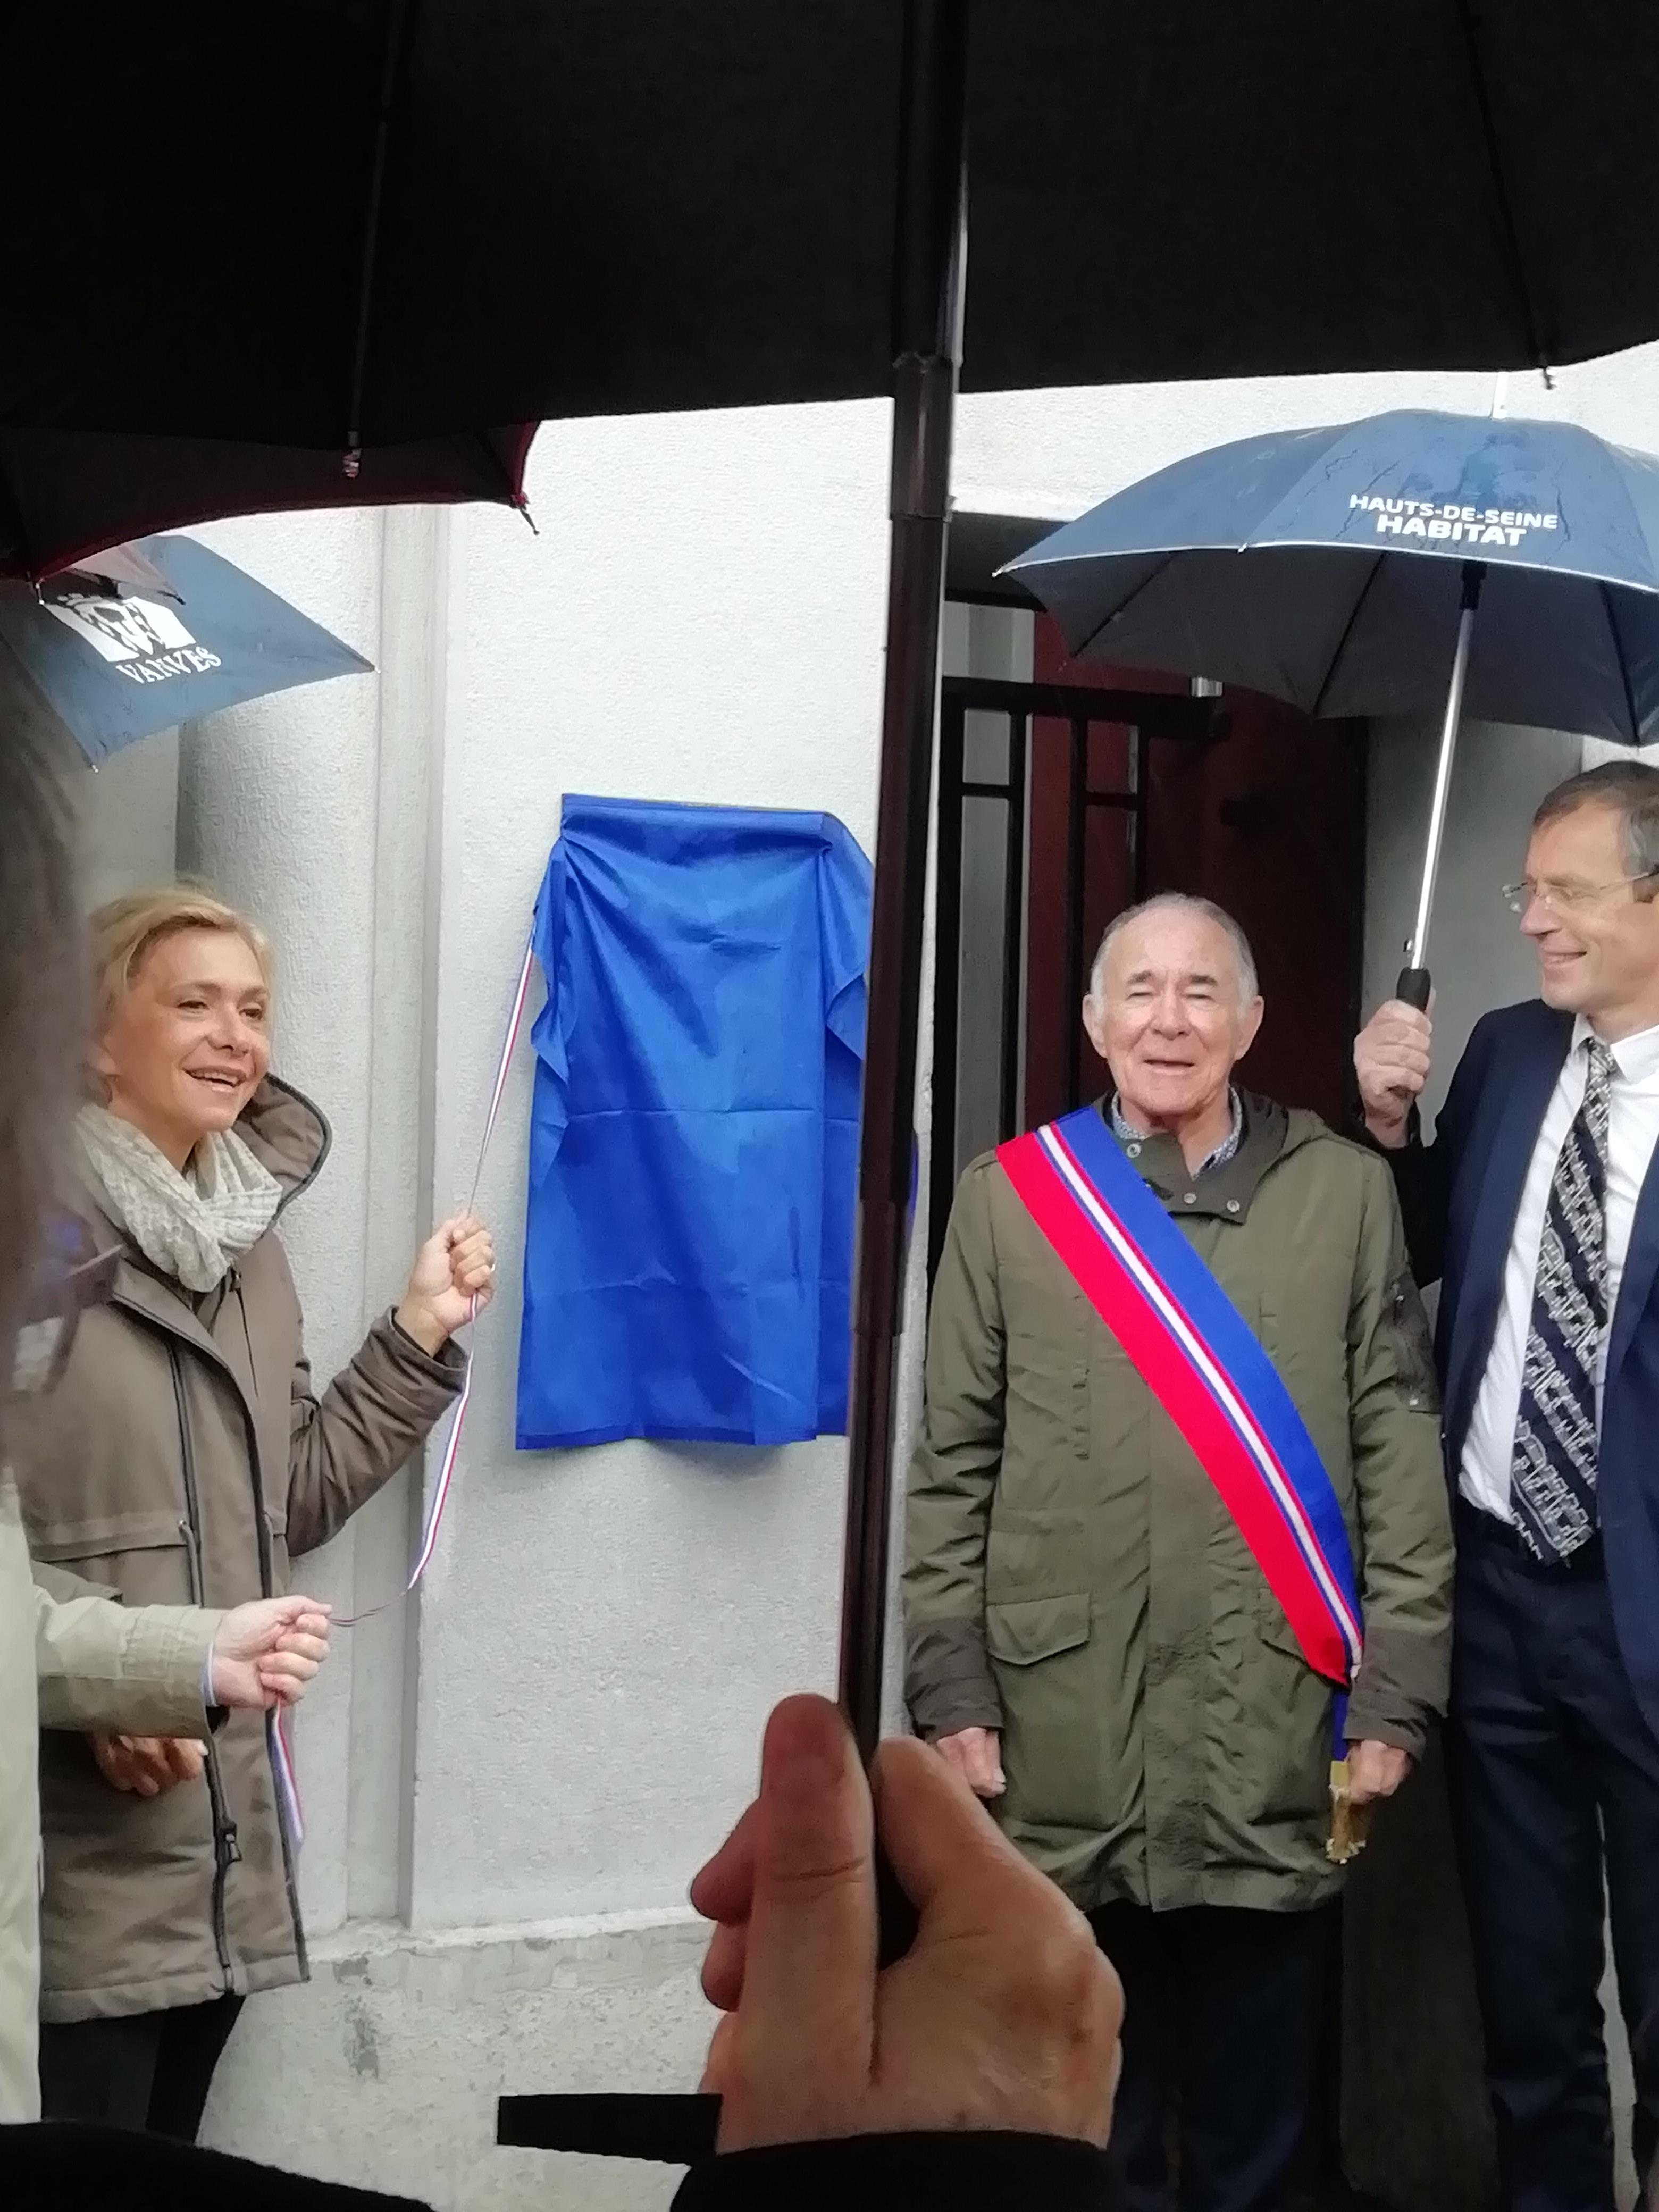 Dévoilement de la plaque Patrimoine d'intérêt régional dans la cité Payret Dortail à Vanves